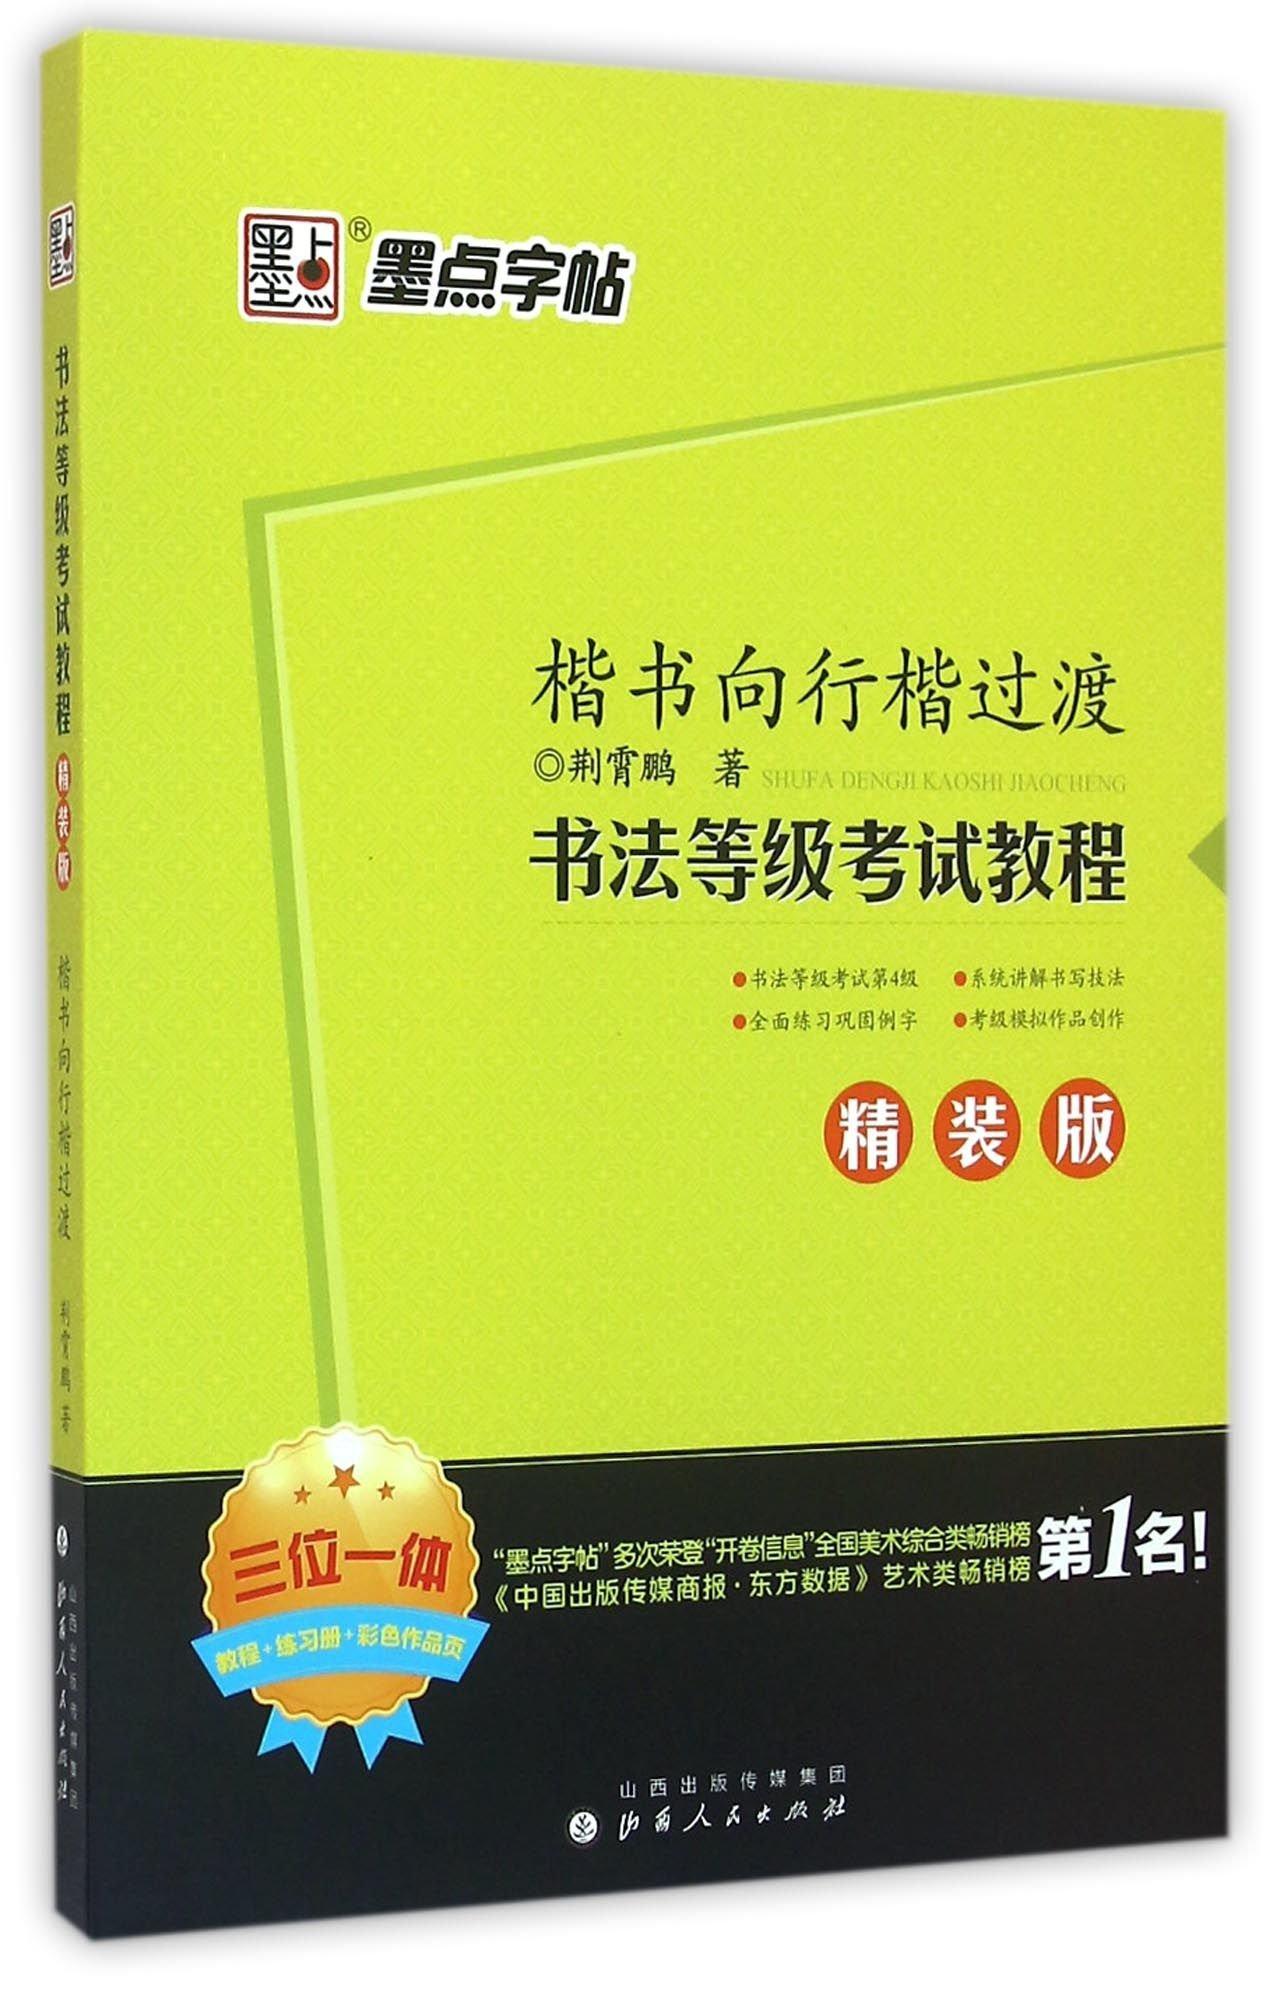 Read Online Regular Script To Running Regular Script (hardcover) (Chinese Edition) pdf